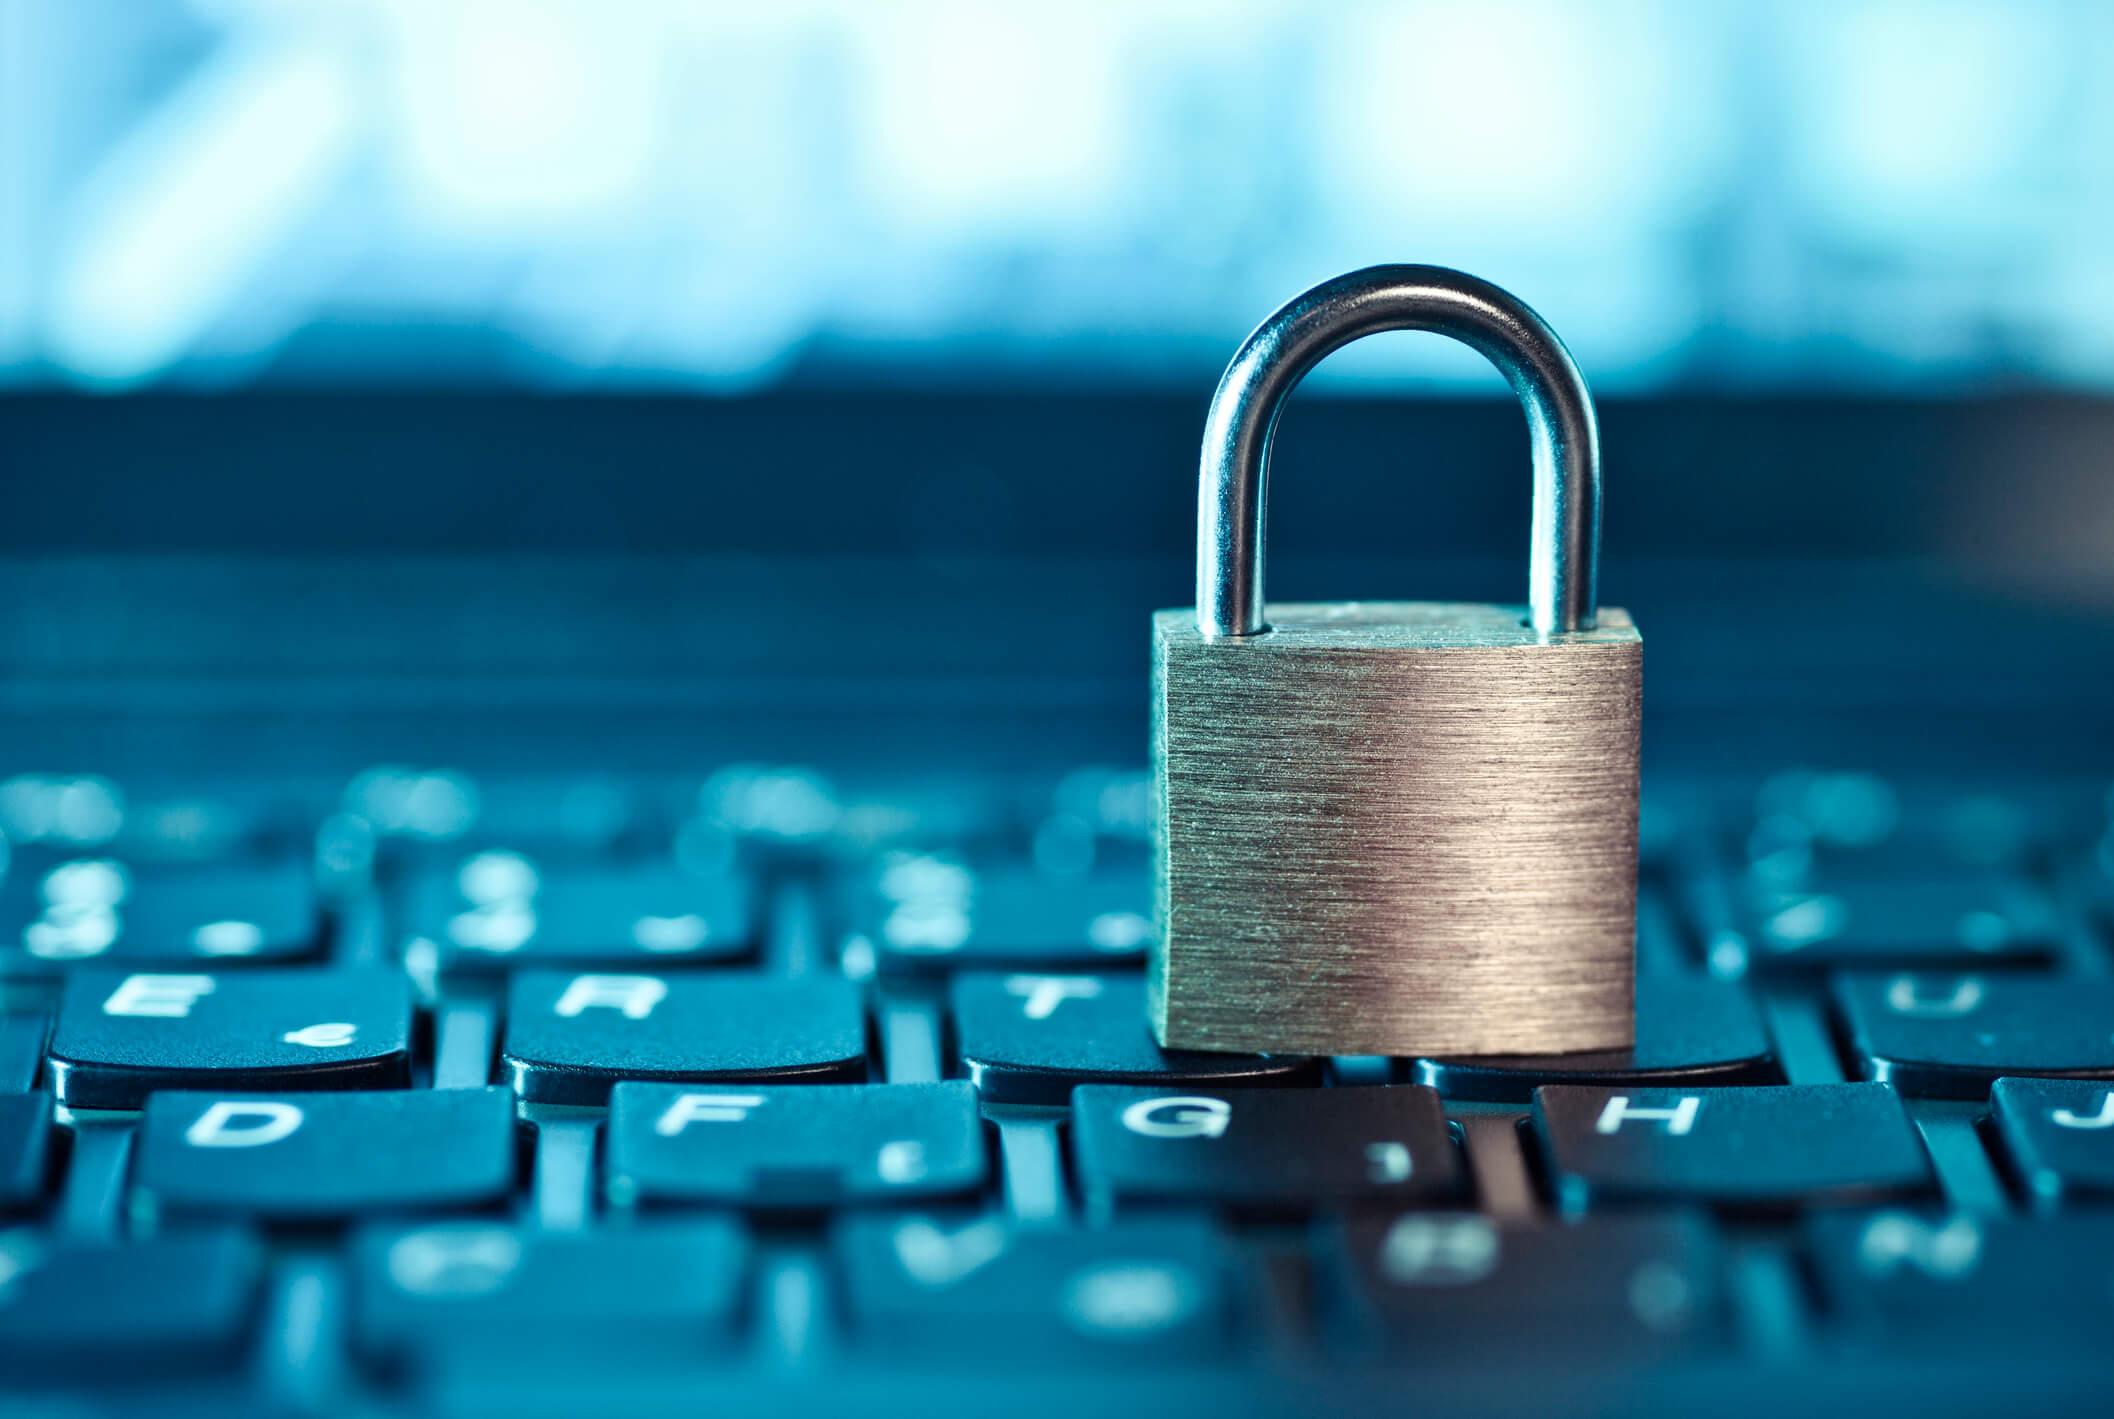 segurança de dados na internet